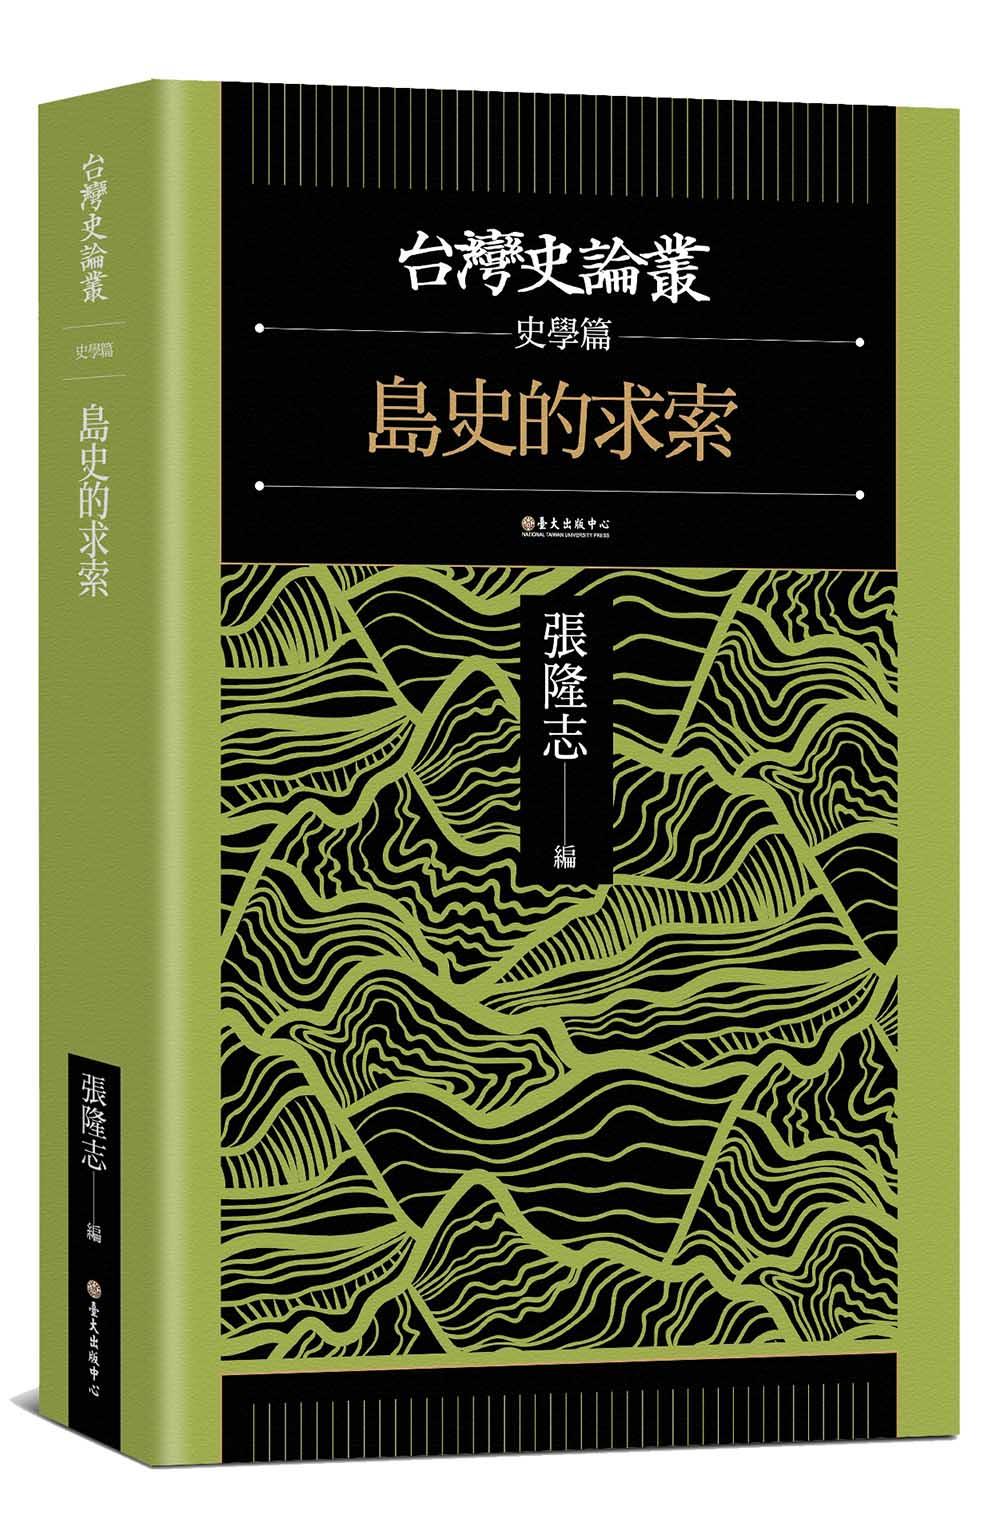 島史的求索(台灣史論叢 史學篇)